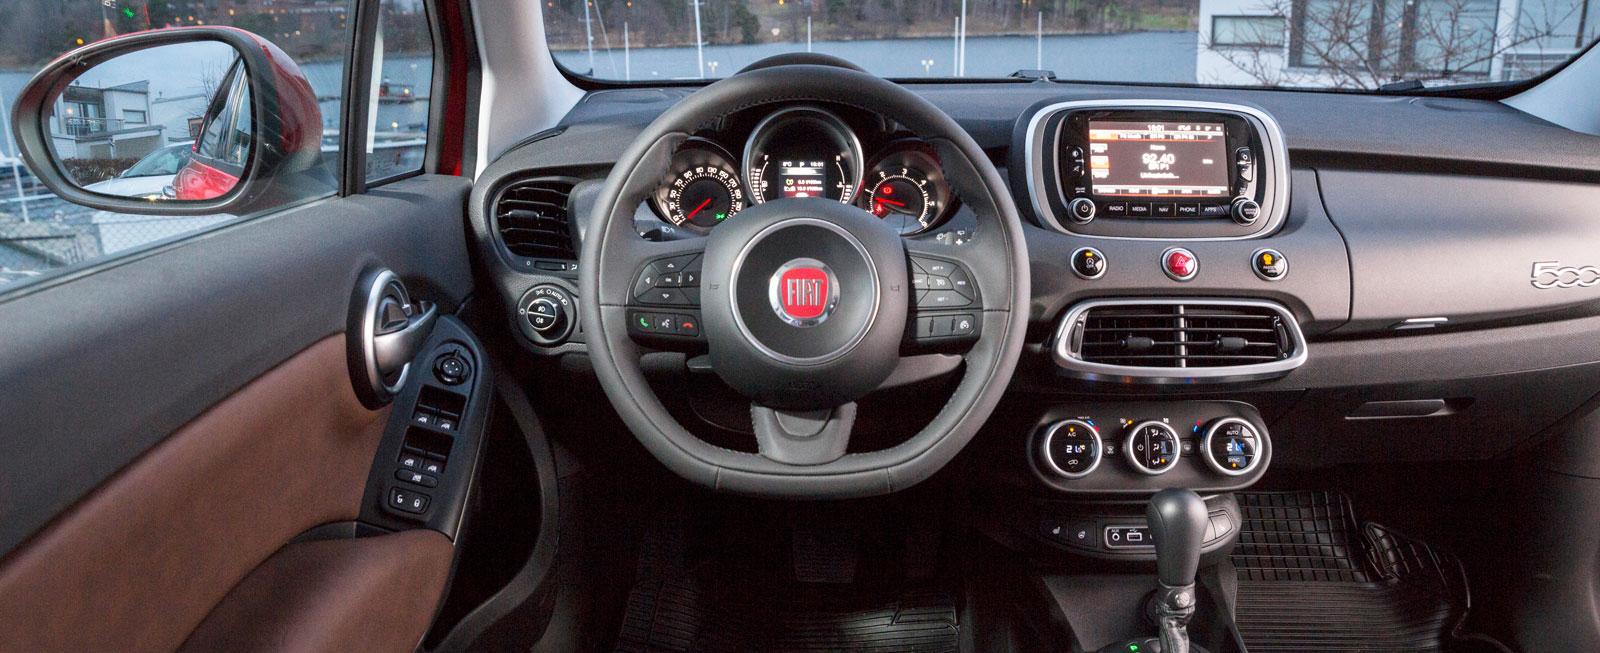 Enkla reglage, tydlig skärm mitt på panelen och liten, tjock ratt. Många olika ytmaterial, godkänd finish men spakarna vid ratten känns billiga.